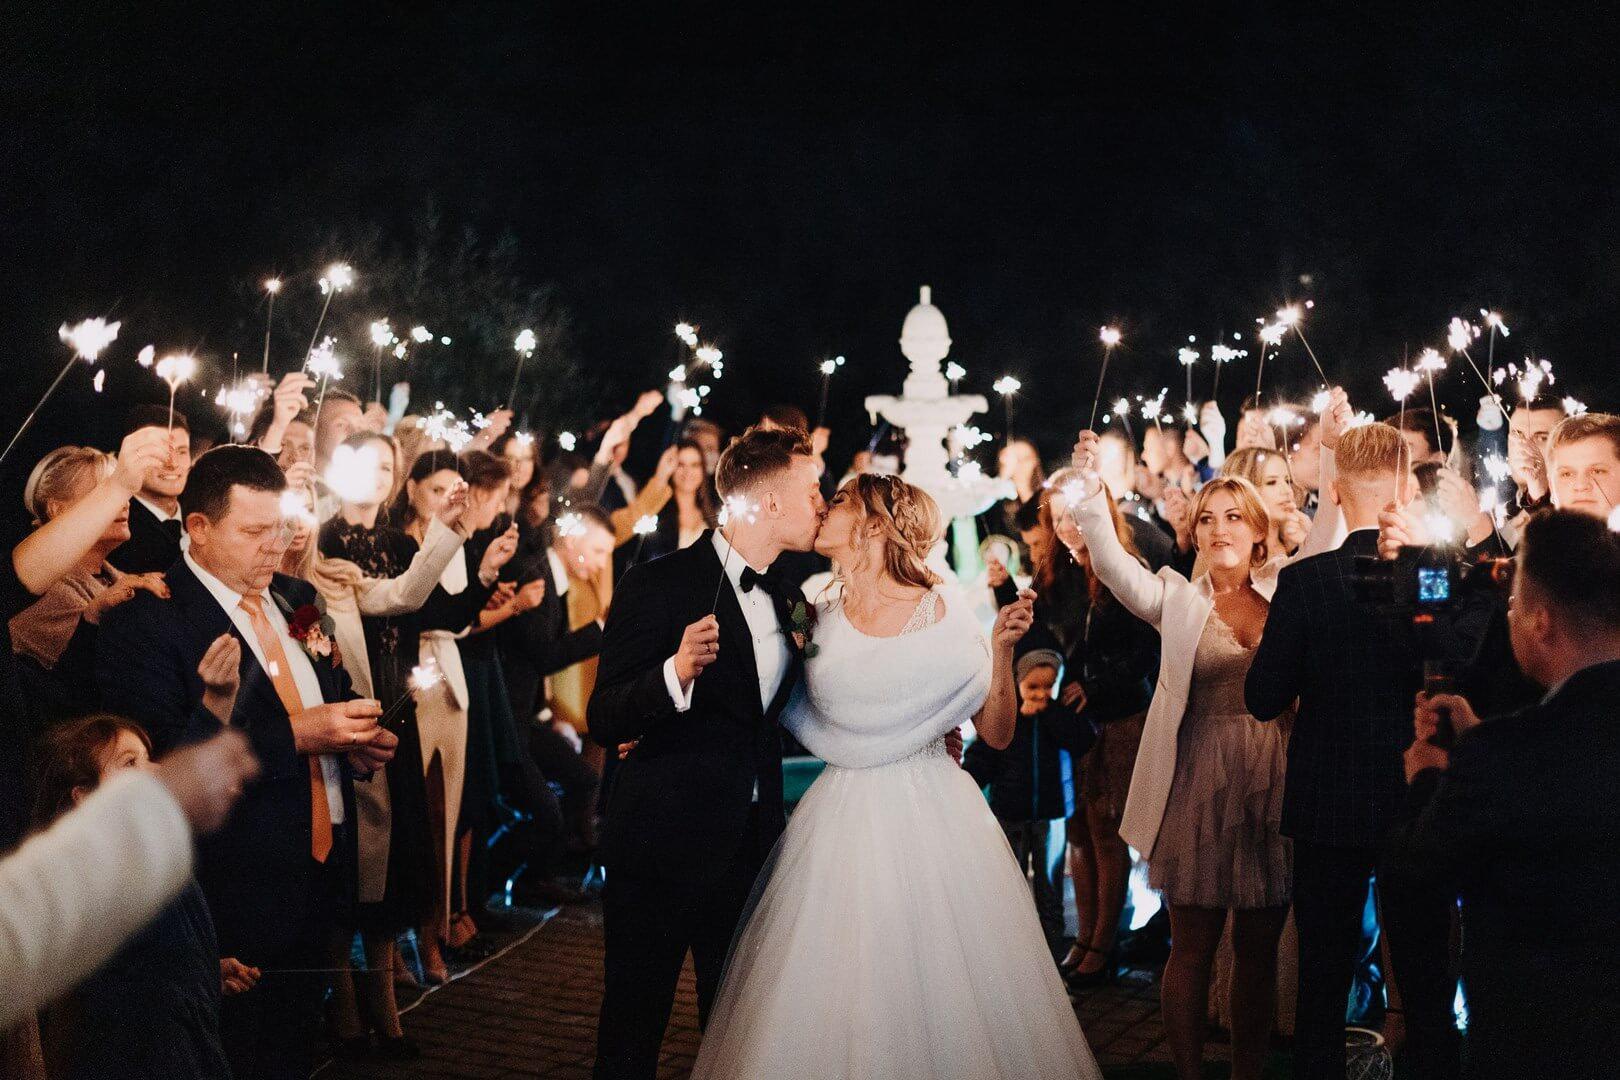 Zdjęcia grupowe na weselu. fotograf Szpakowicz Aleksander Gdańsk, Trójmiasto - szpakowicz-studio.pl 18